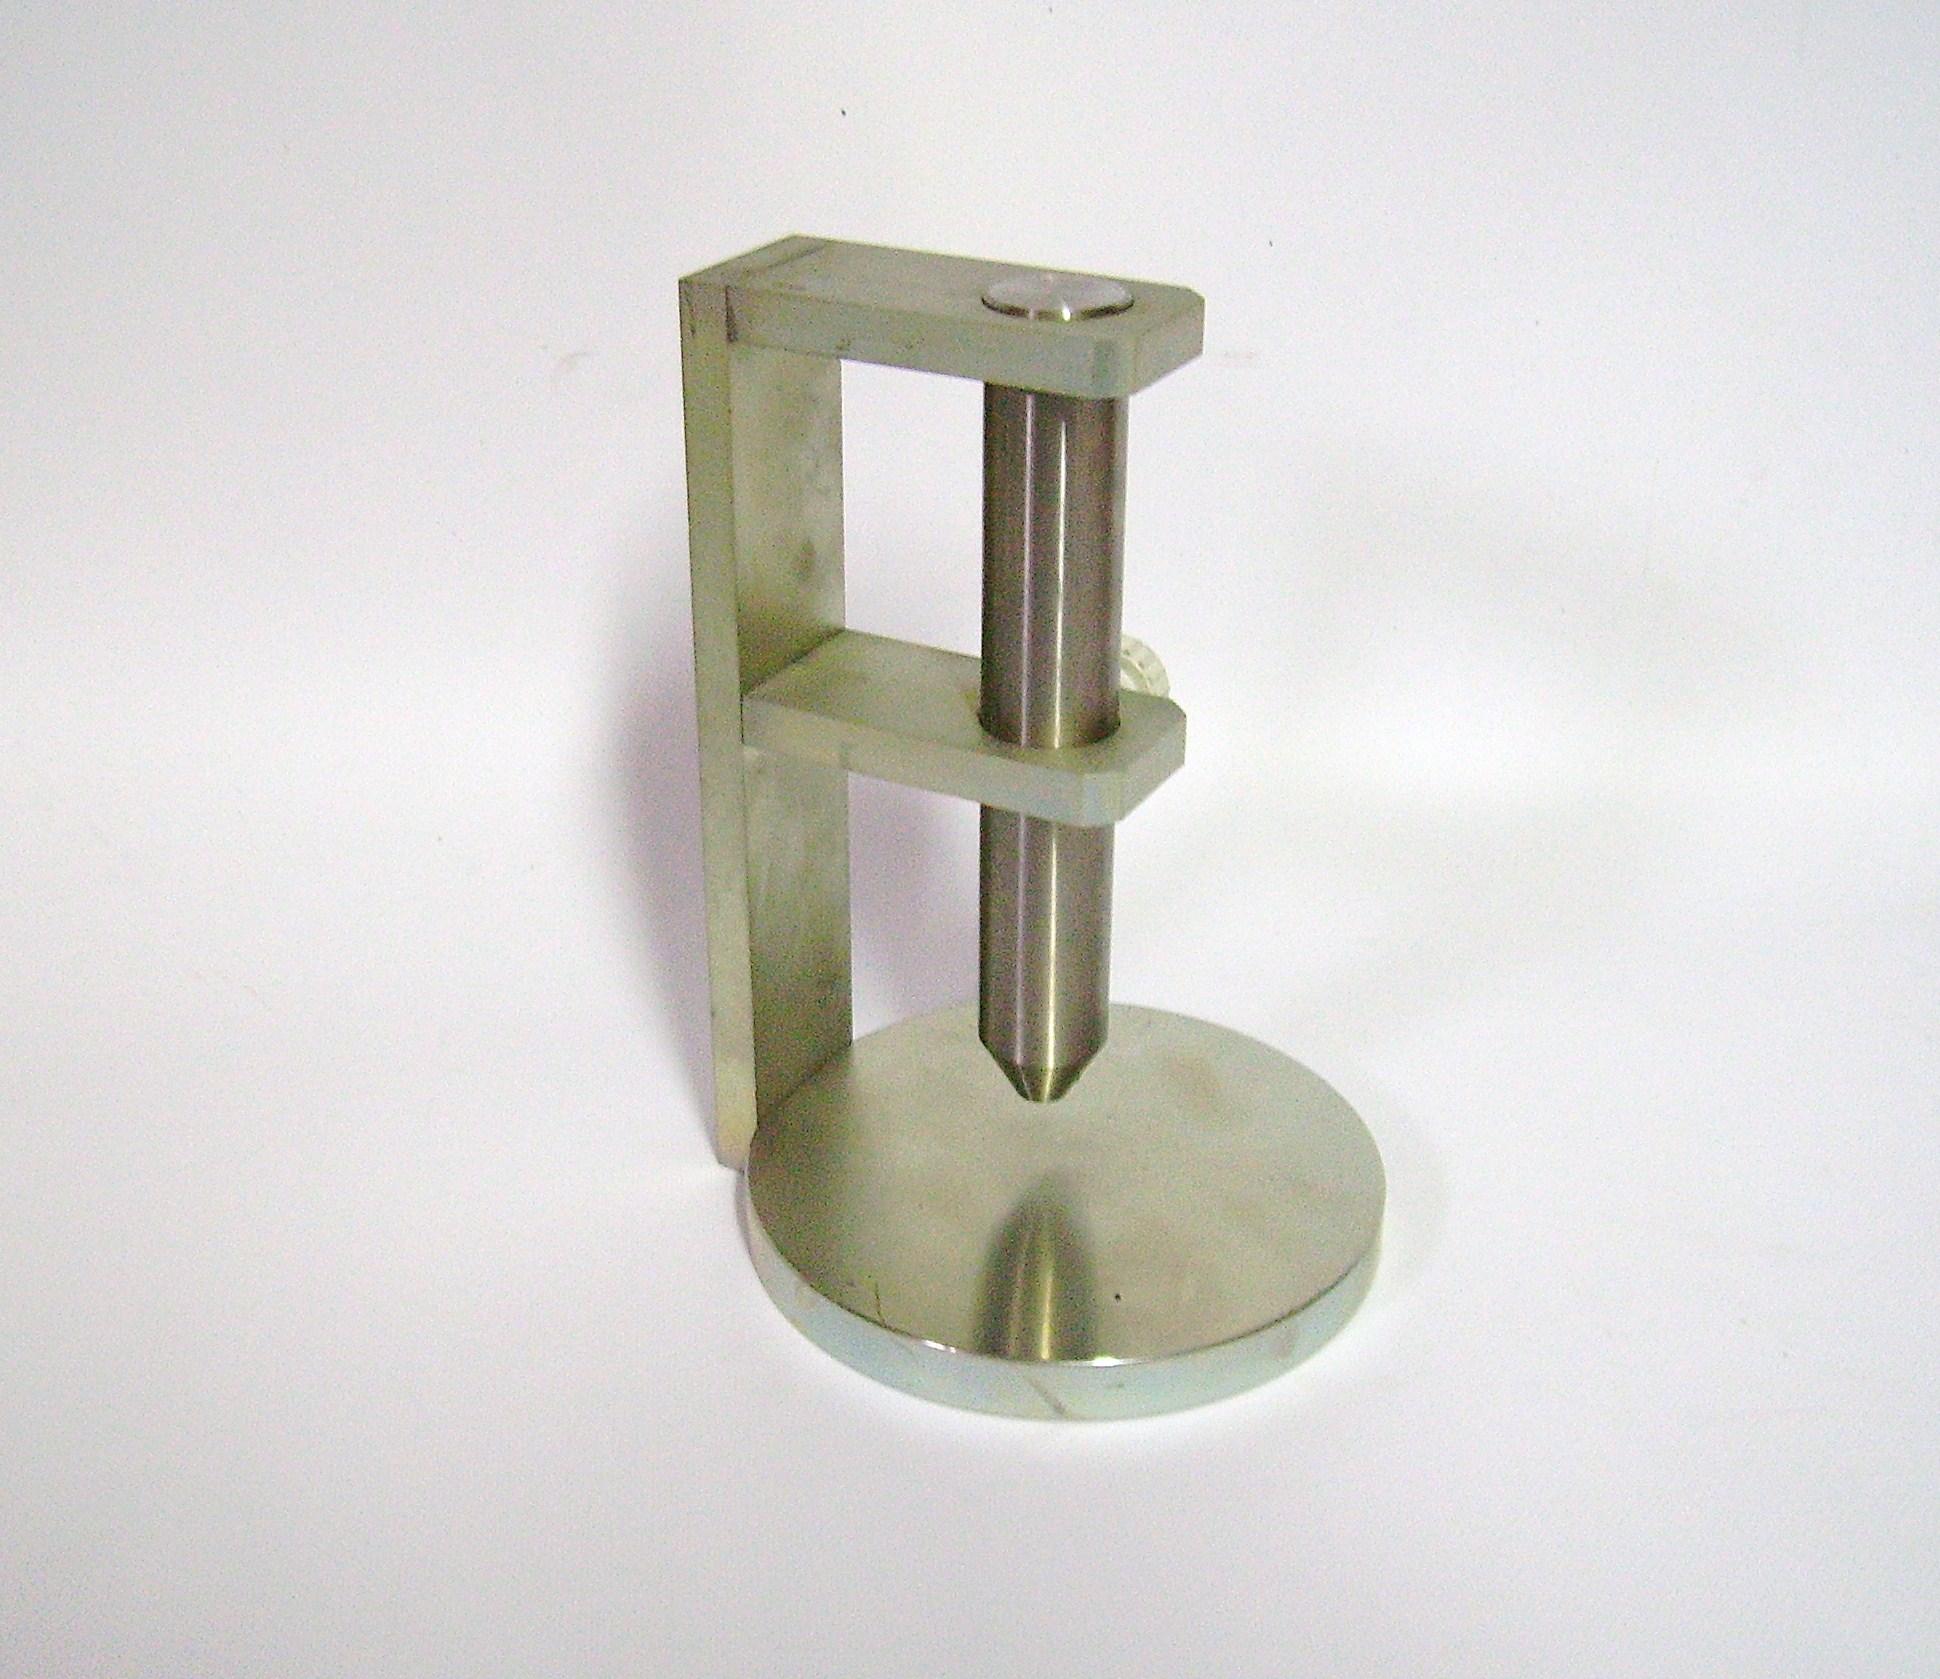 Esclerómetro de partículas blandas.